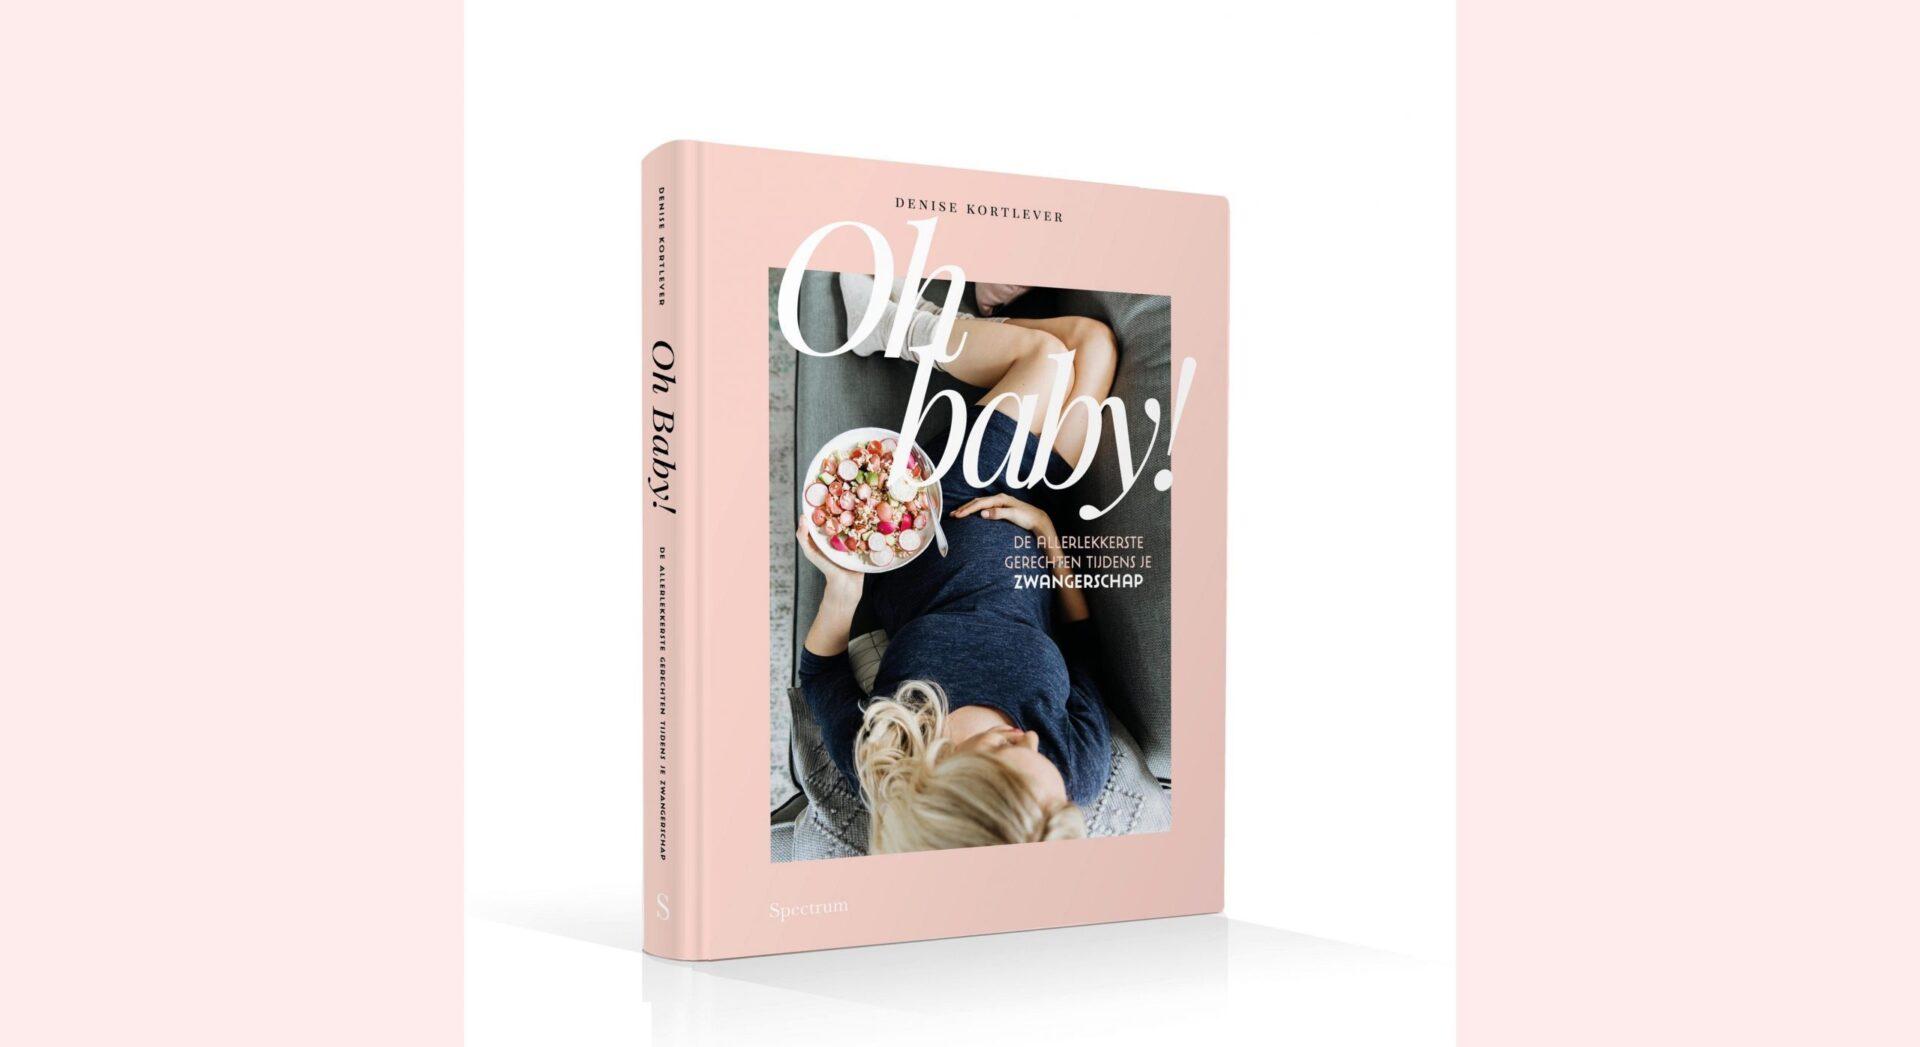 Header website Ohbaby scaled Recept: zwangerproof tiramisu en maak kans op het boek Oh Baby! van Denise Kortlever